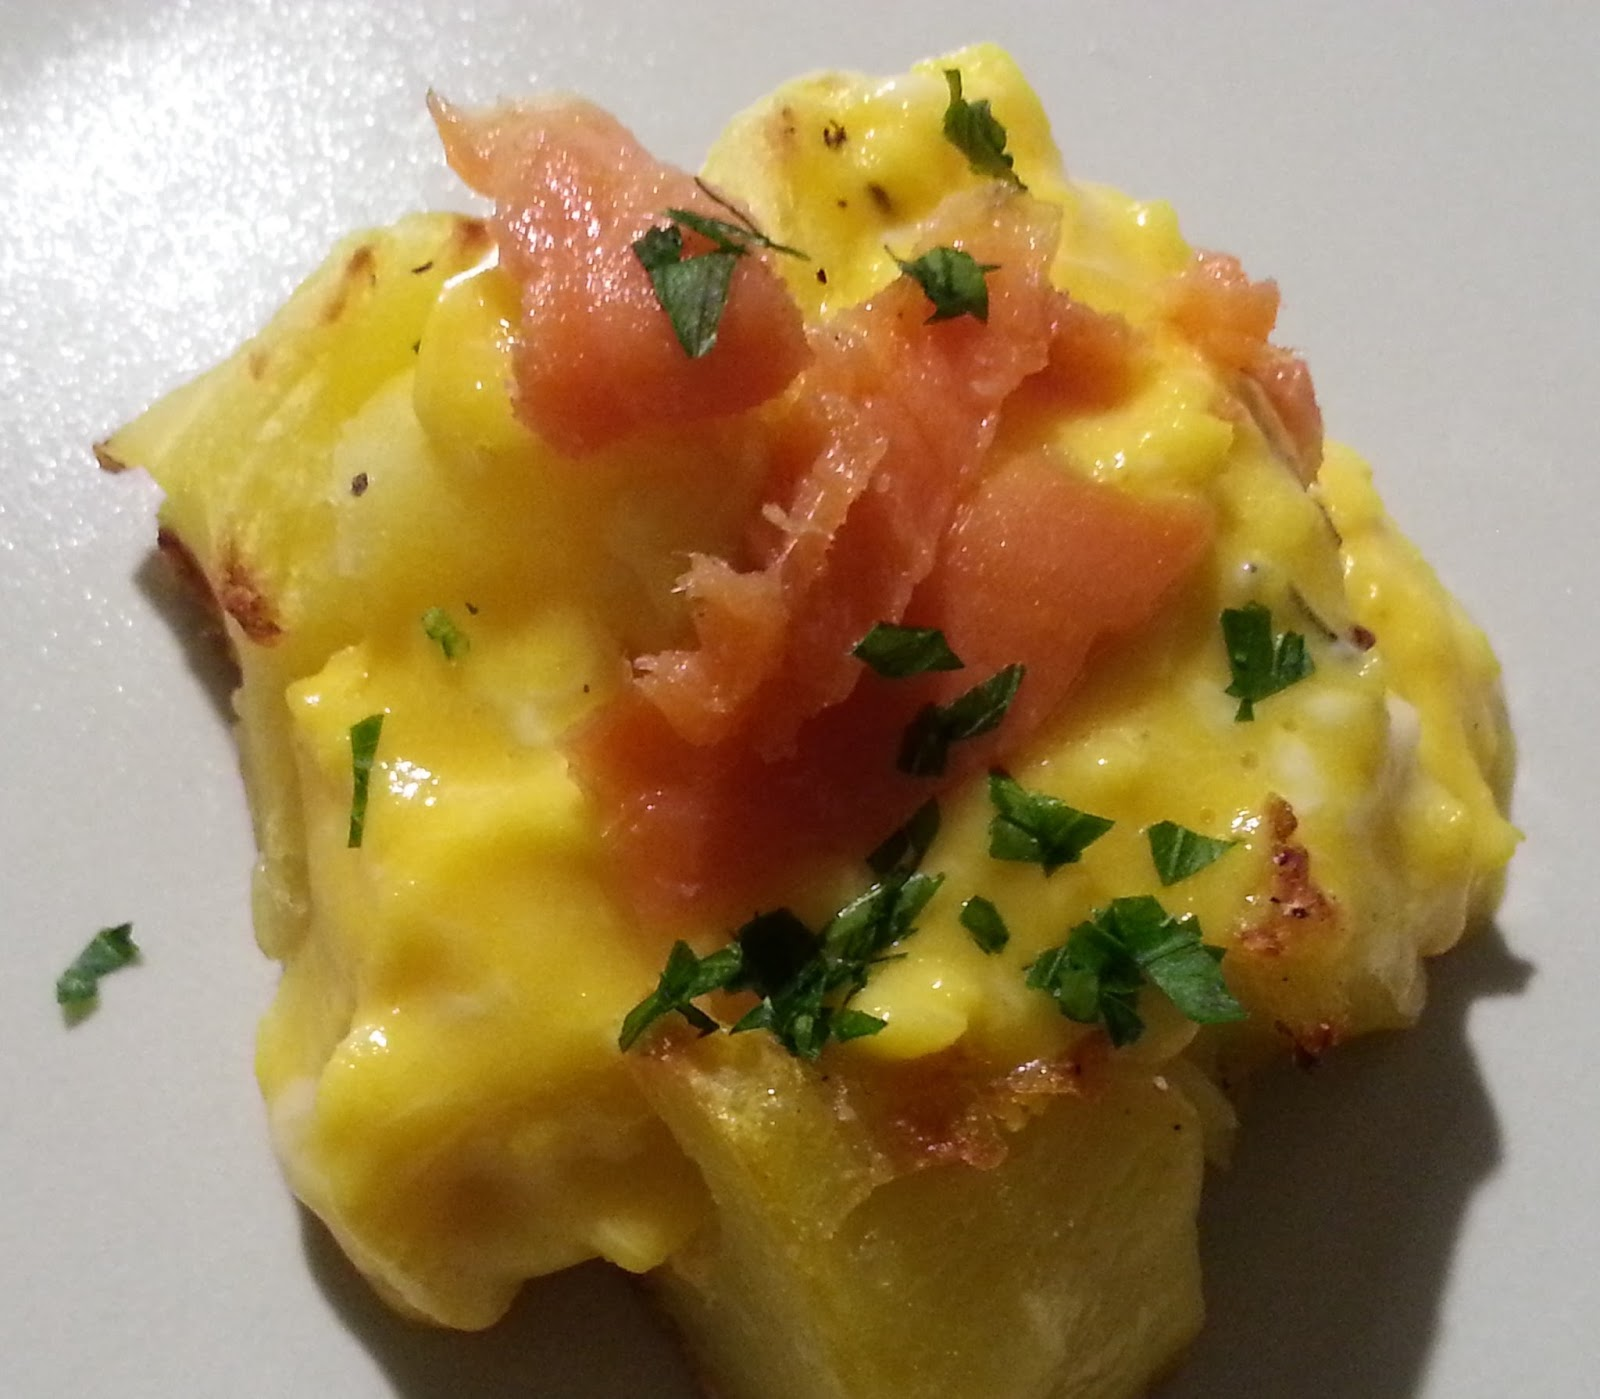 Fatemi cucinare patate e uova con salmone for Cucinare 2 uova